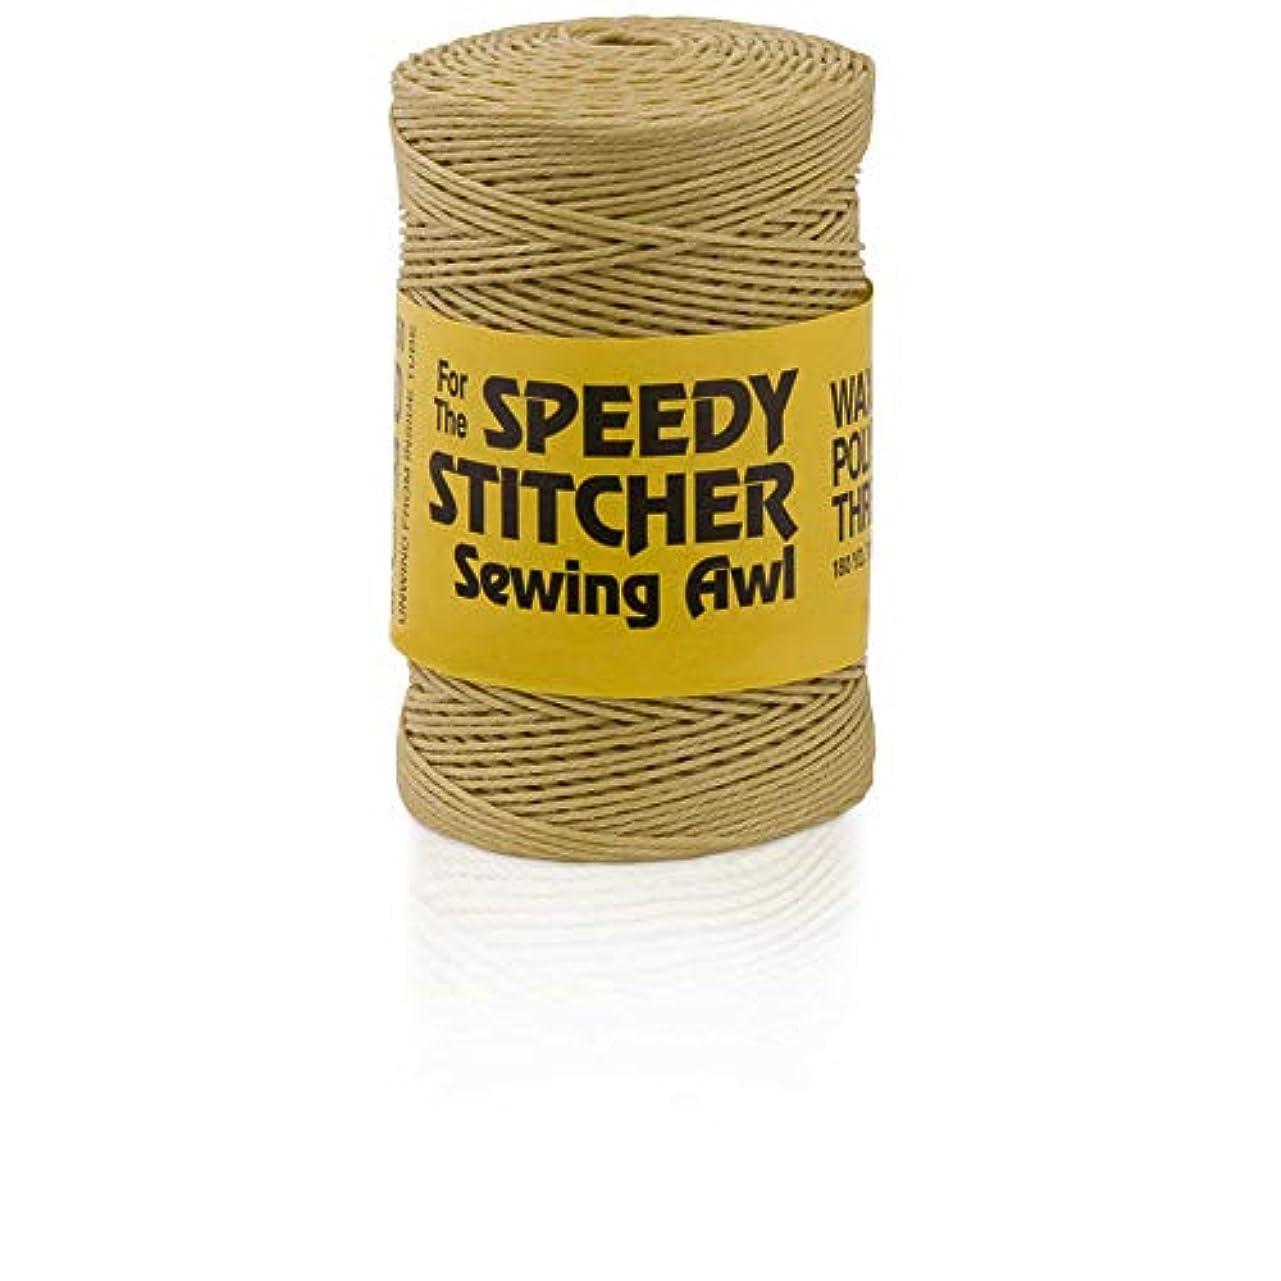 データレディパパThe speedy stitcher(スピーディーステッチャー) スピーディーステッチャー 替糸 180YD(太)